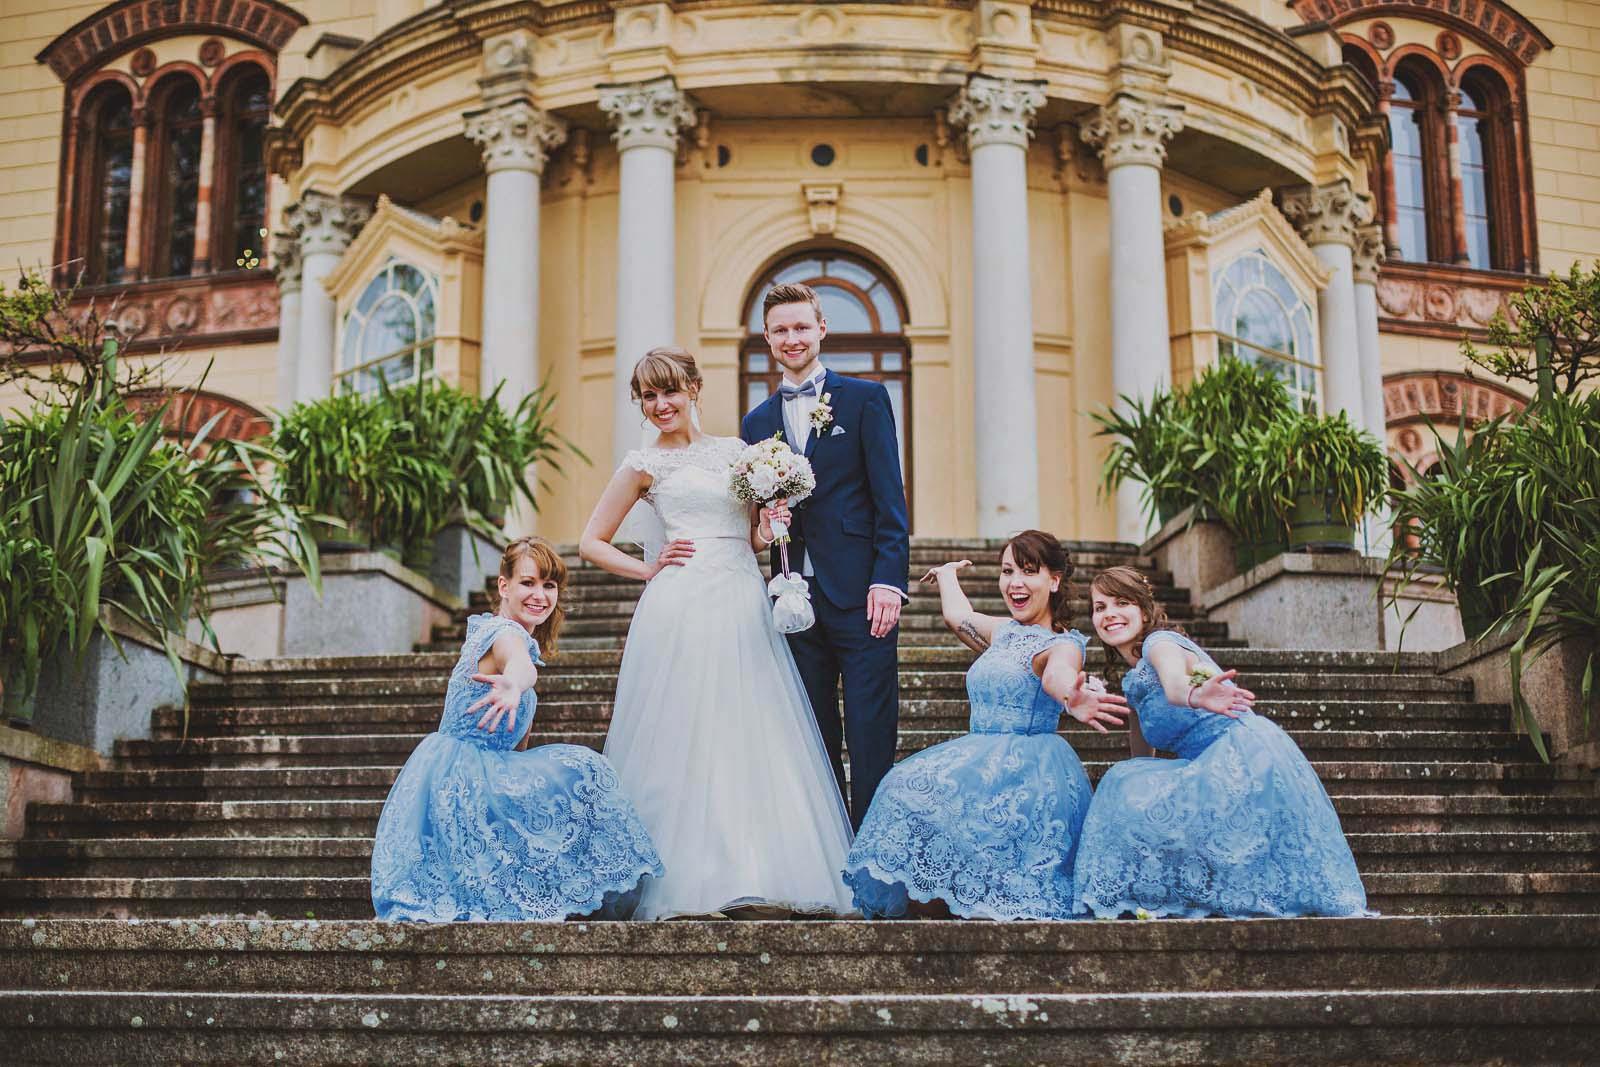 Gruppenfoto vom Hochzeitsfotograf am Schloss Schwerin Copyright by Hochzeitsfotograf www.berliner-hochzeitsfotografie.de